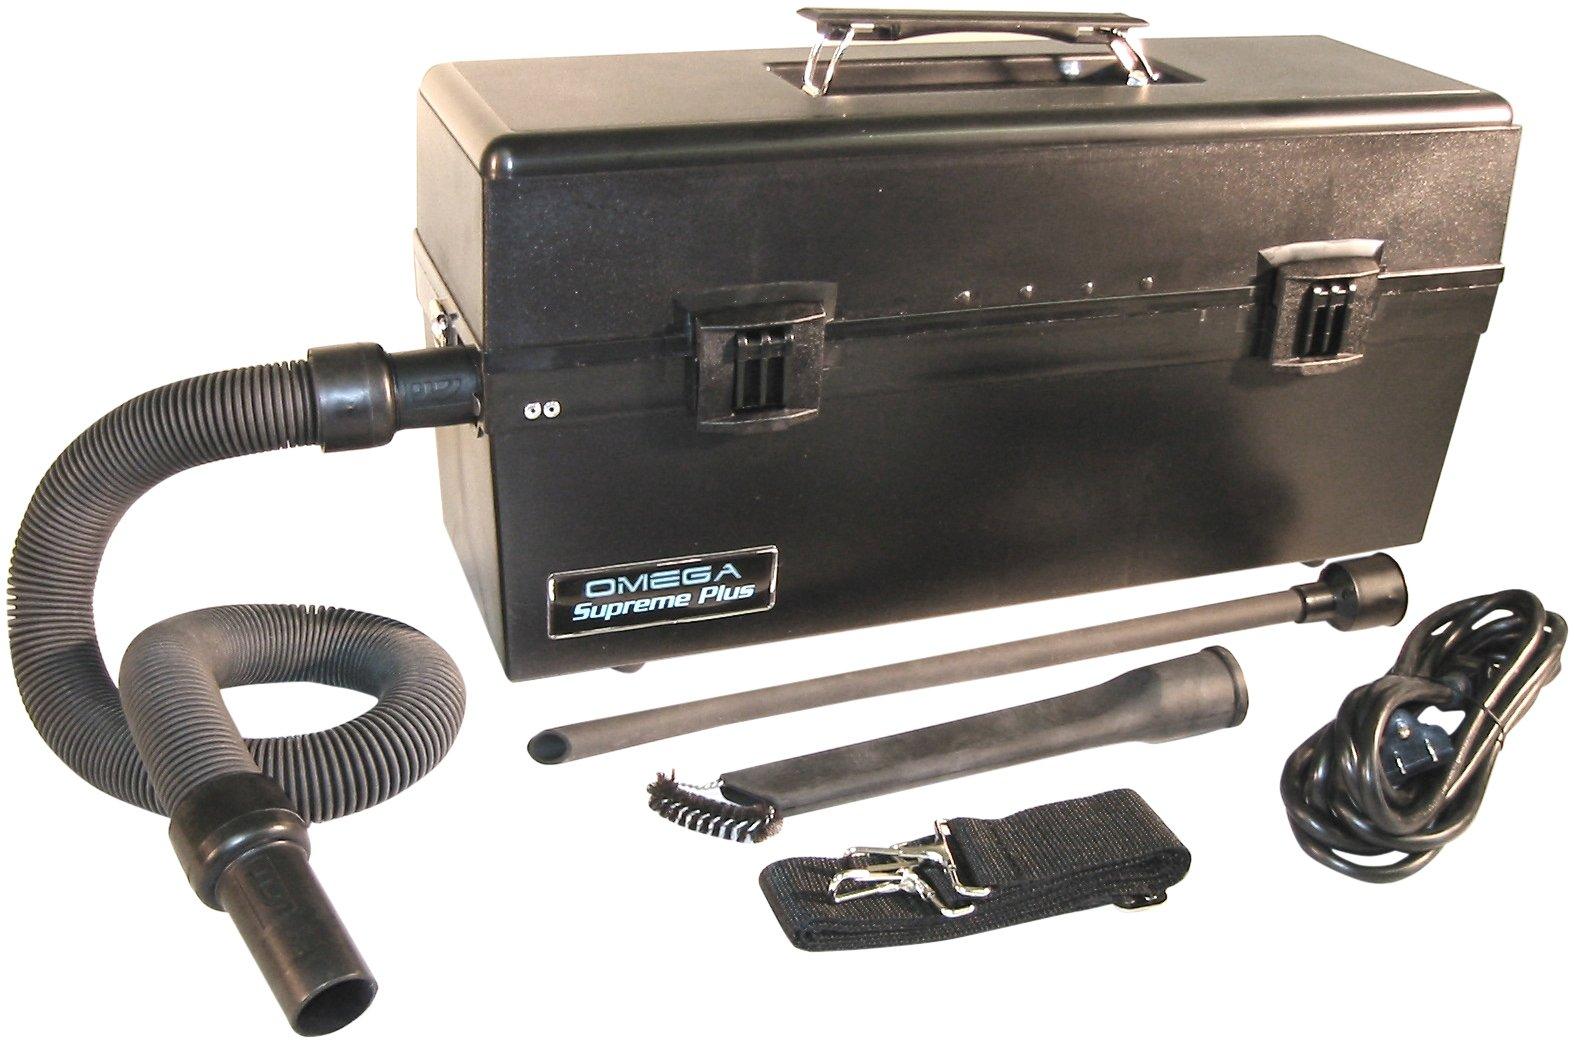 Atrix - VACOMEGASLFH Omega Supreme HEPA Vacuum Clean Room Fine Particle Vac - 120 Volt by Atrix